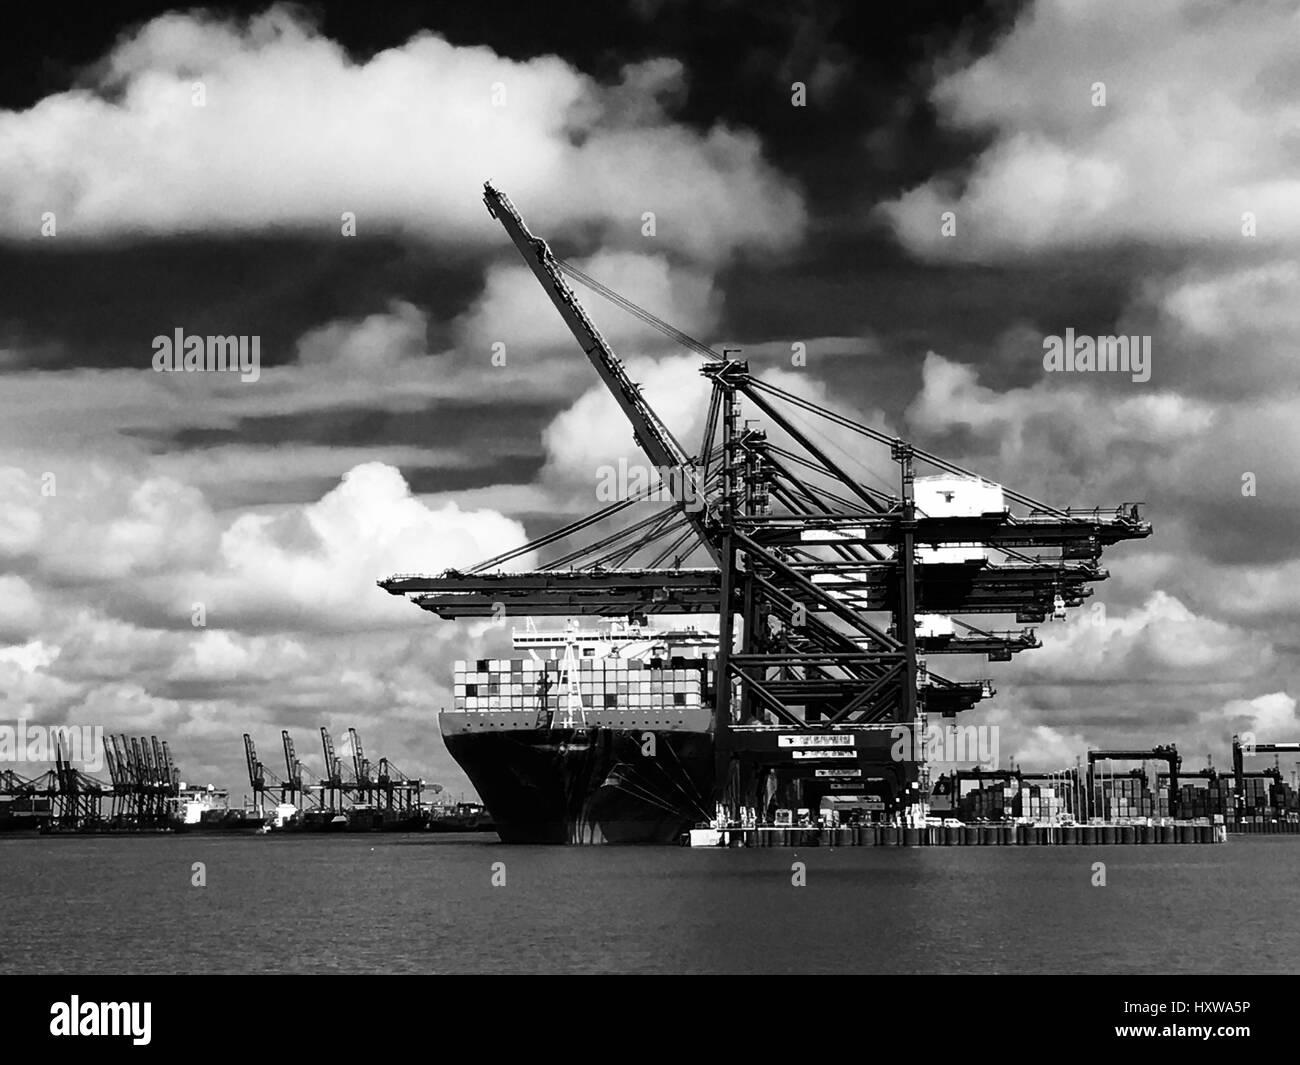 Port of Felixstowe - Stock Image